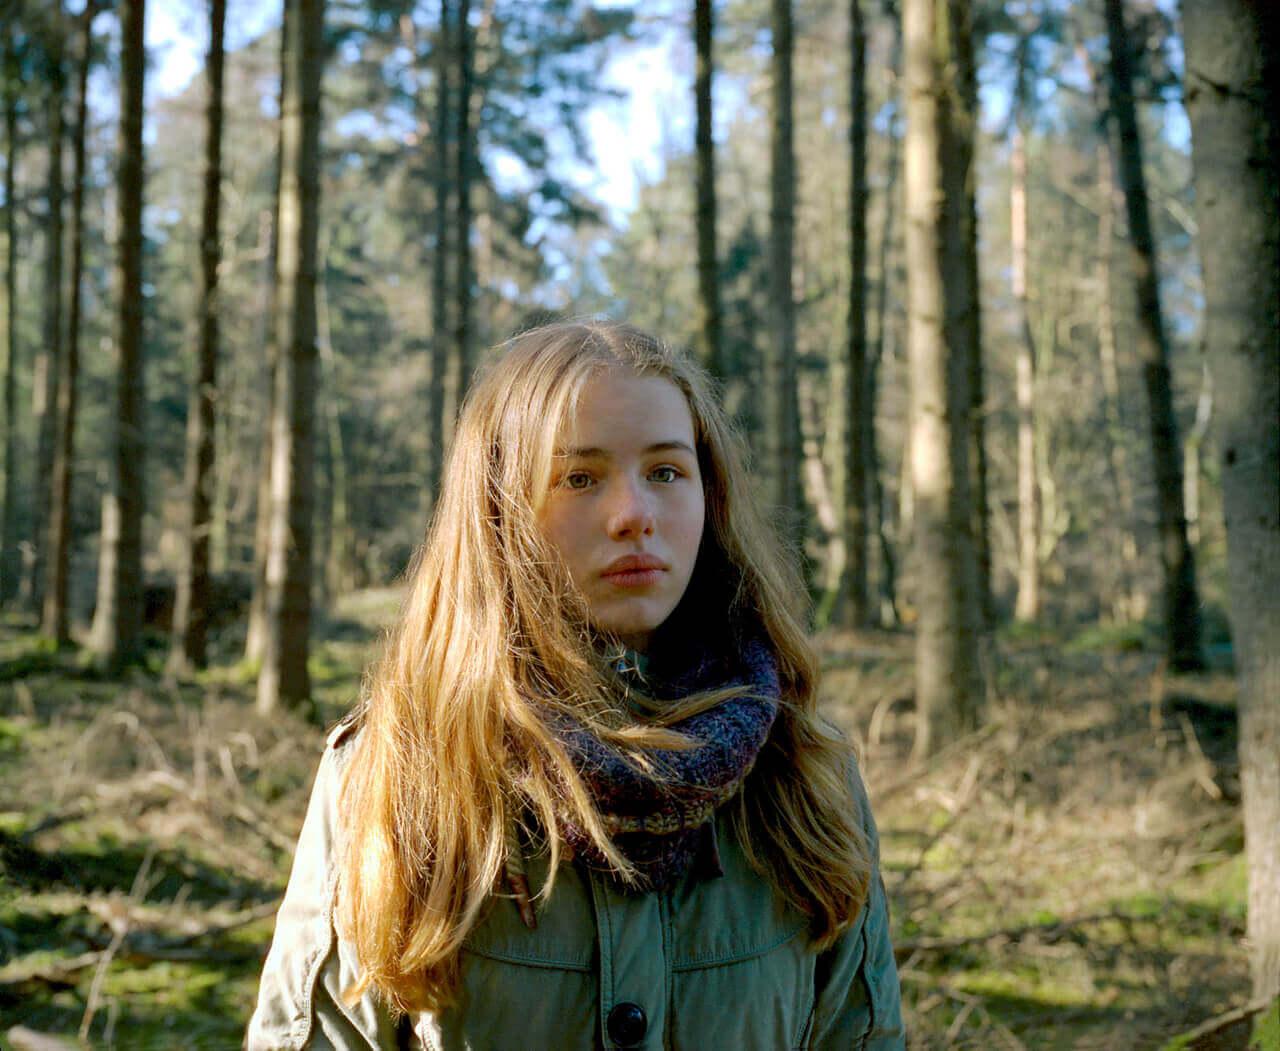 50_woodlandwonderland_13-Kopie_1_compressed